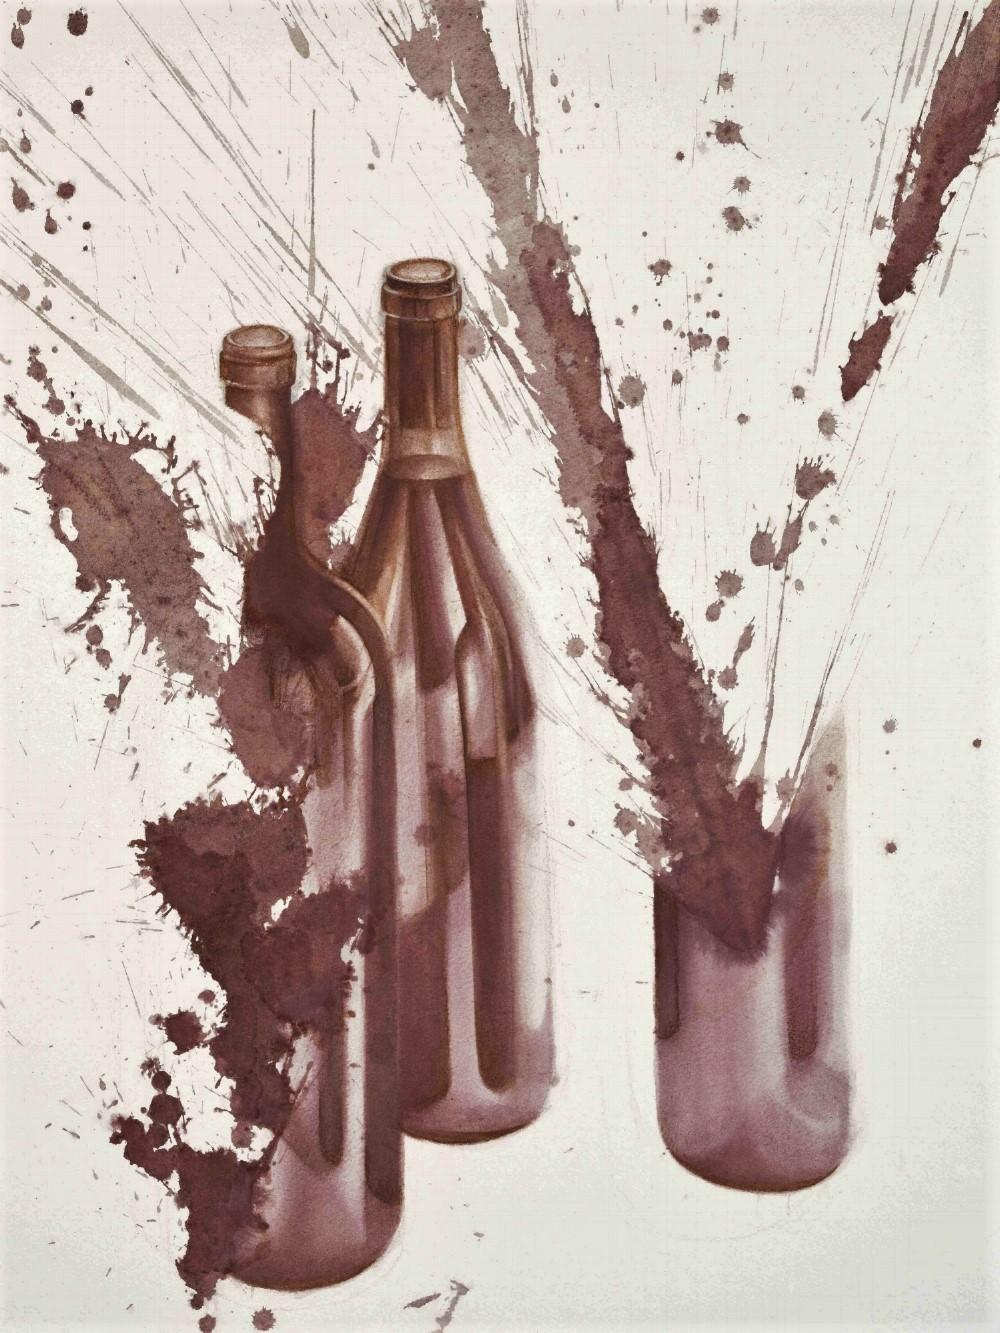 Exploding+Bottles+SML (2)